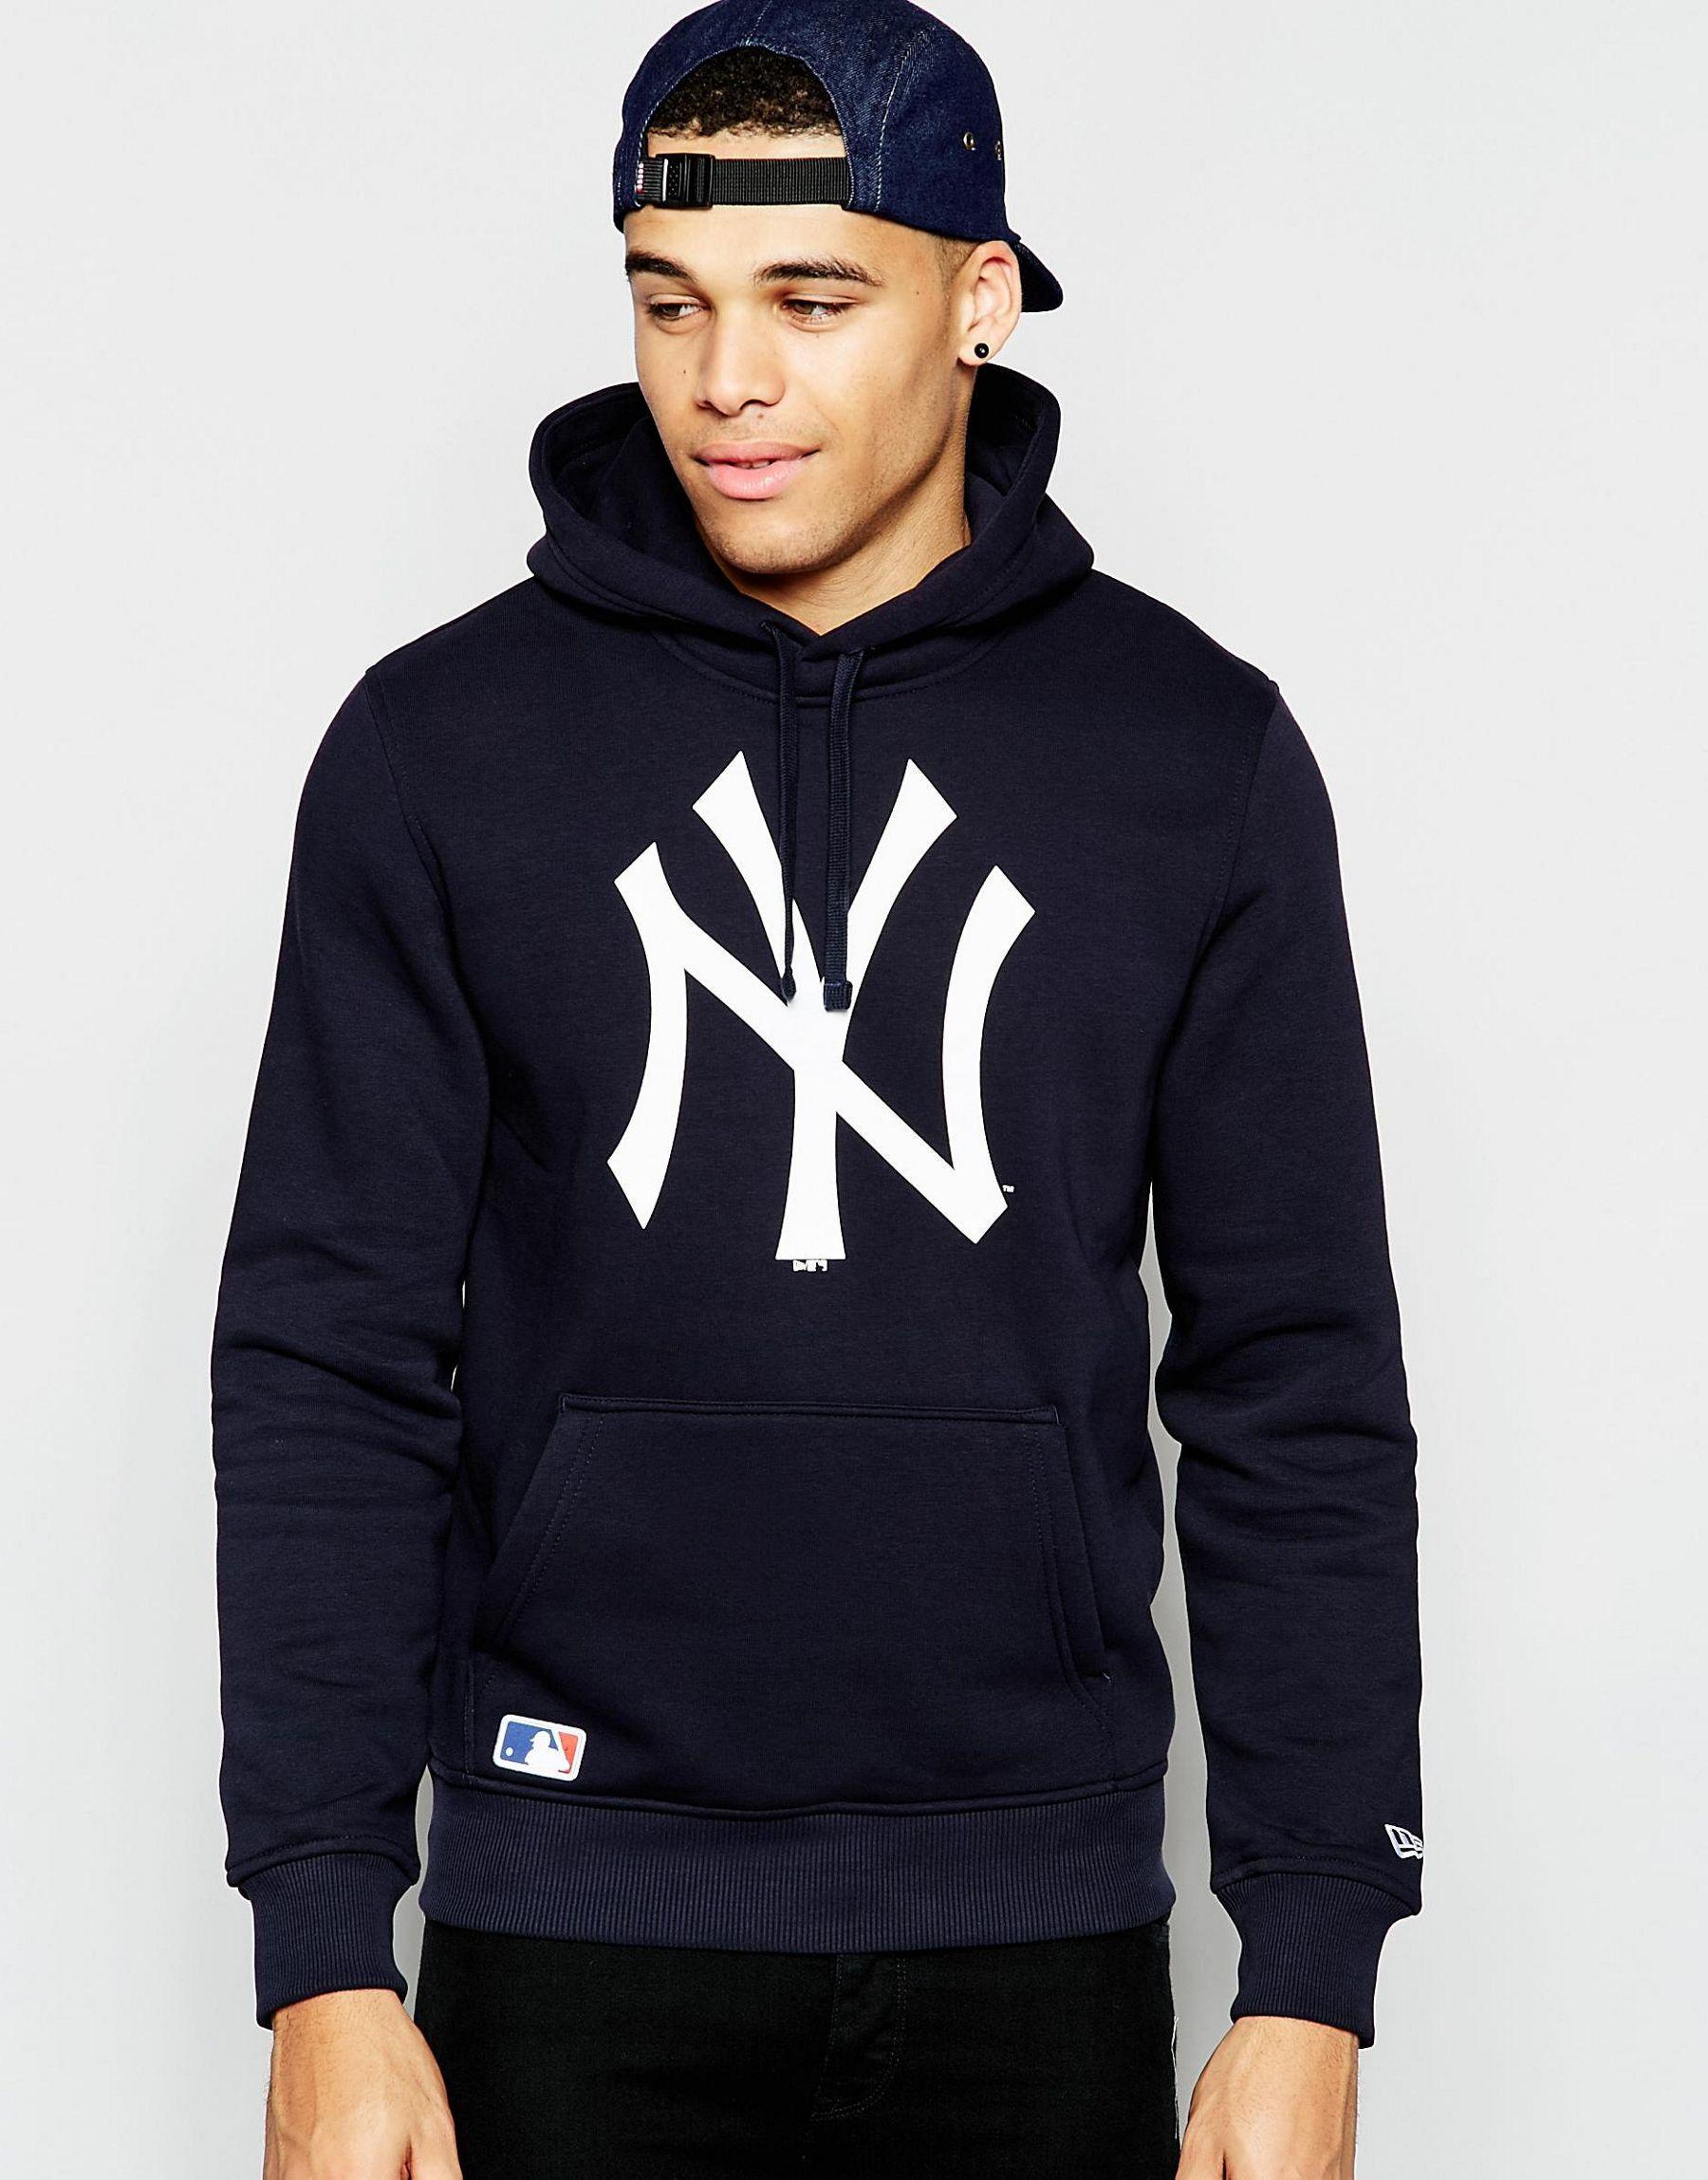 Yankees hoodie